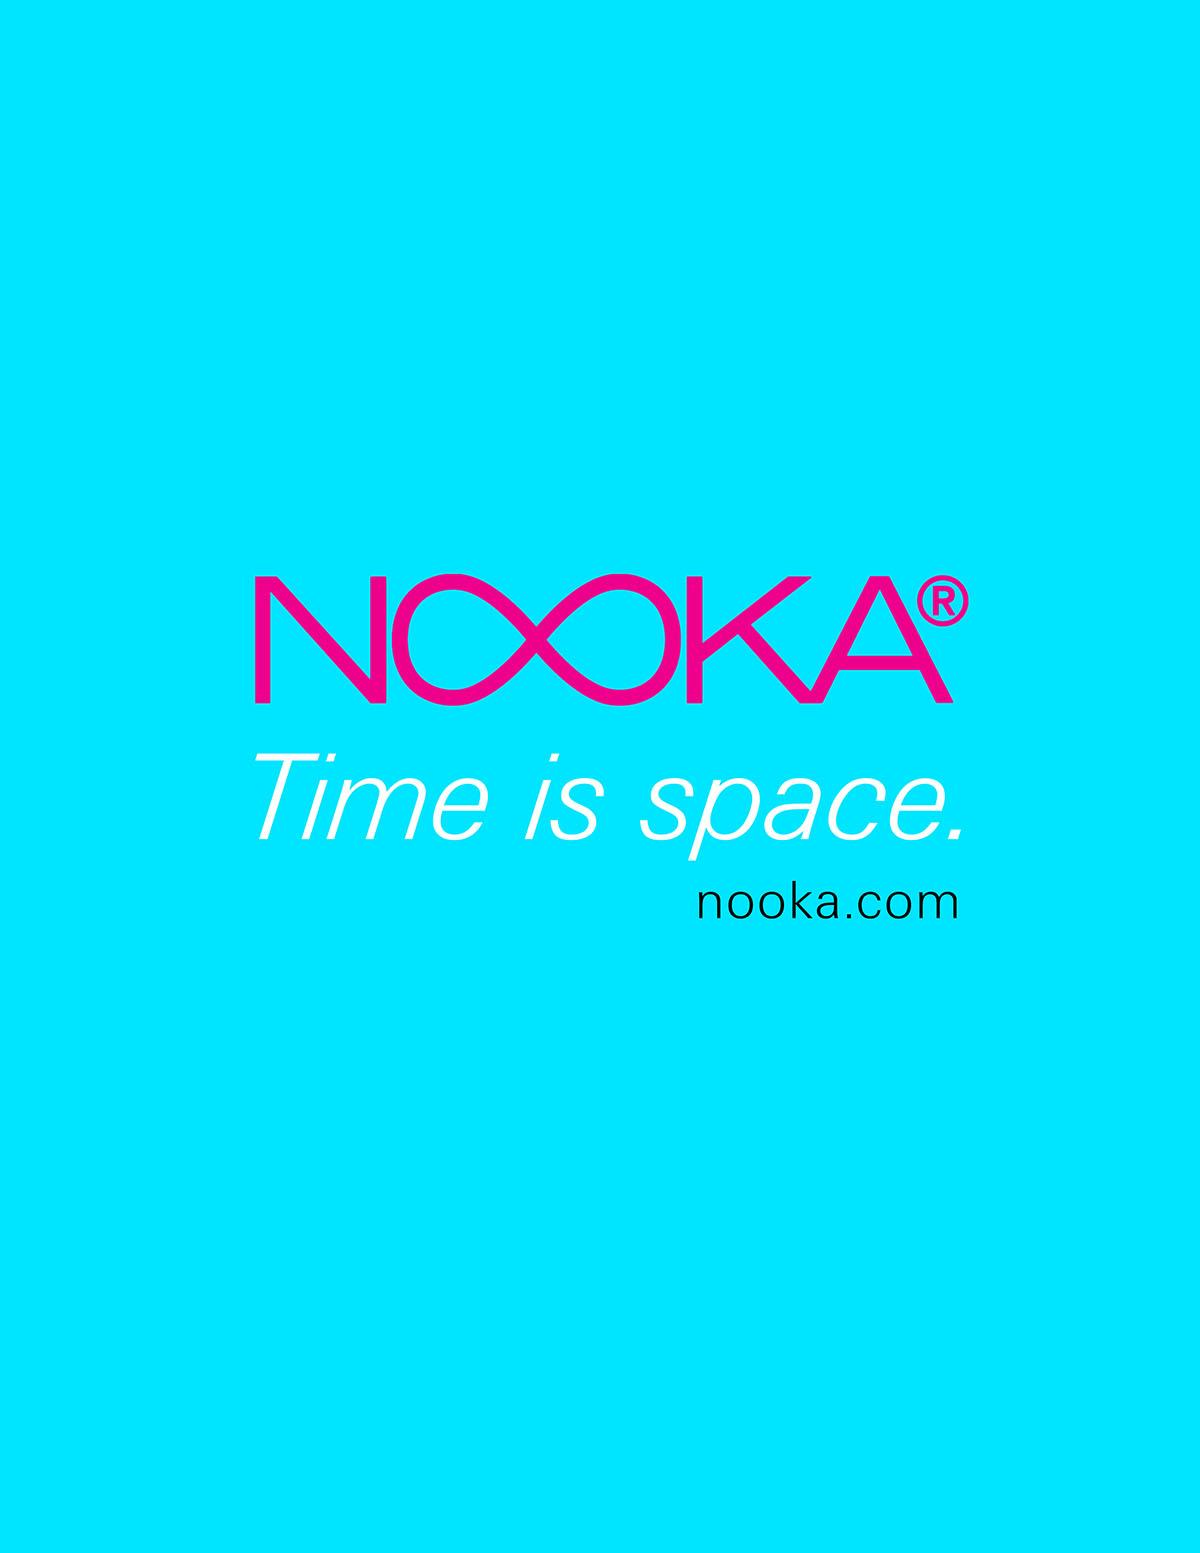 NOOKA_wild_post4.jpg